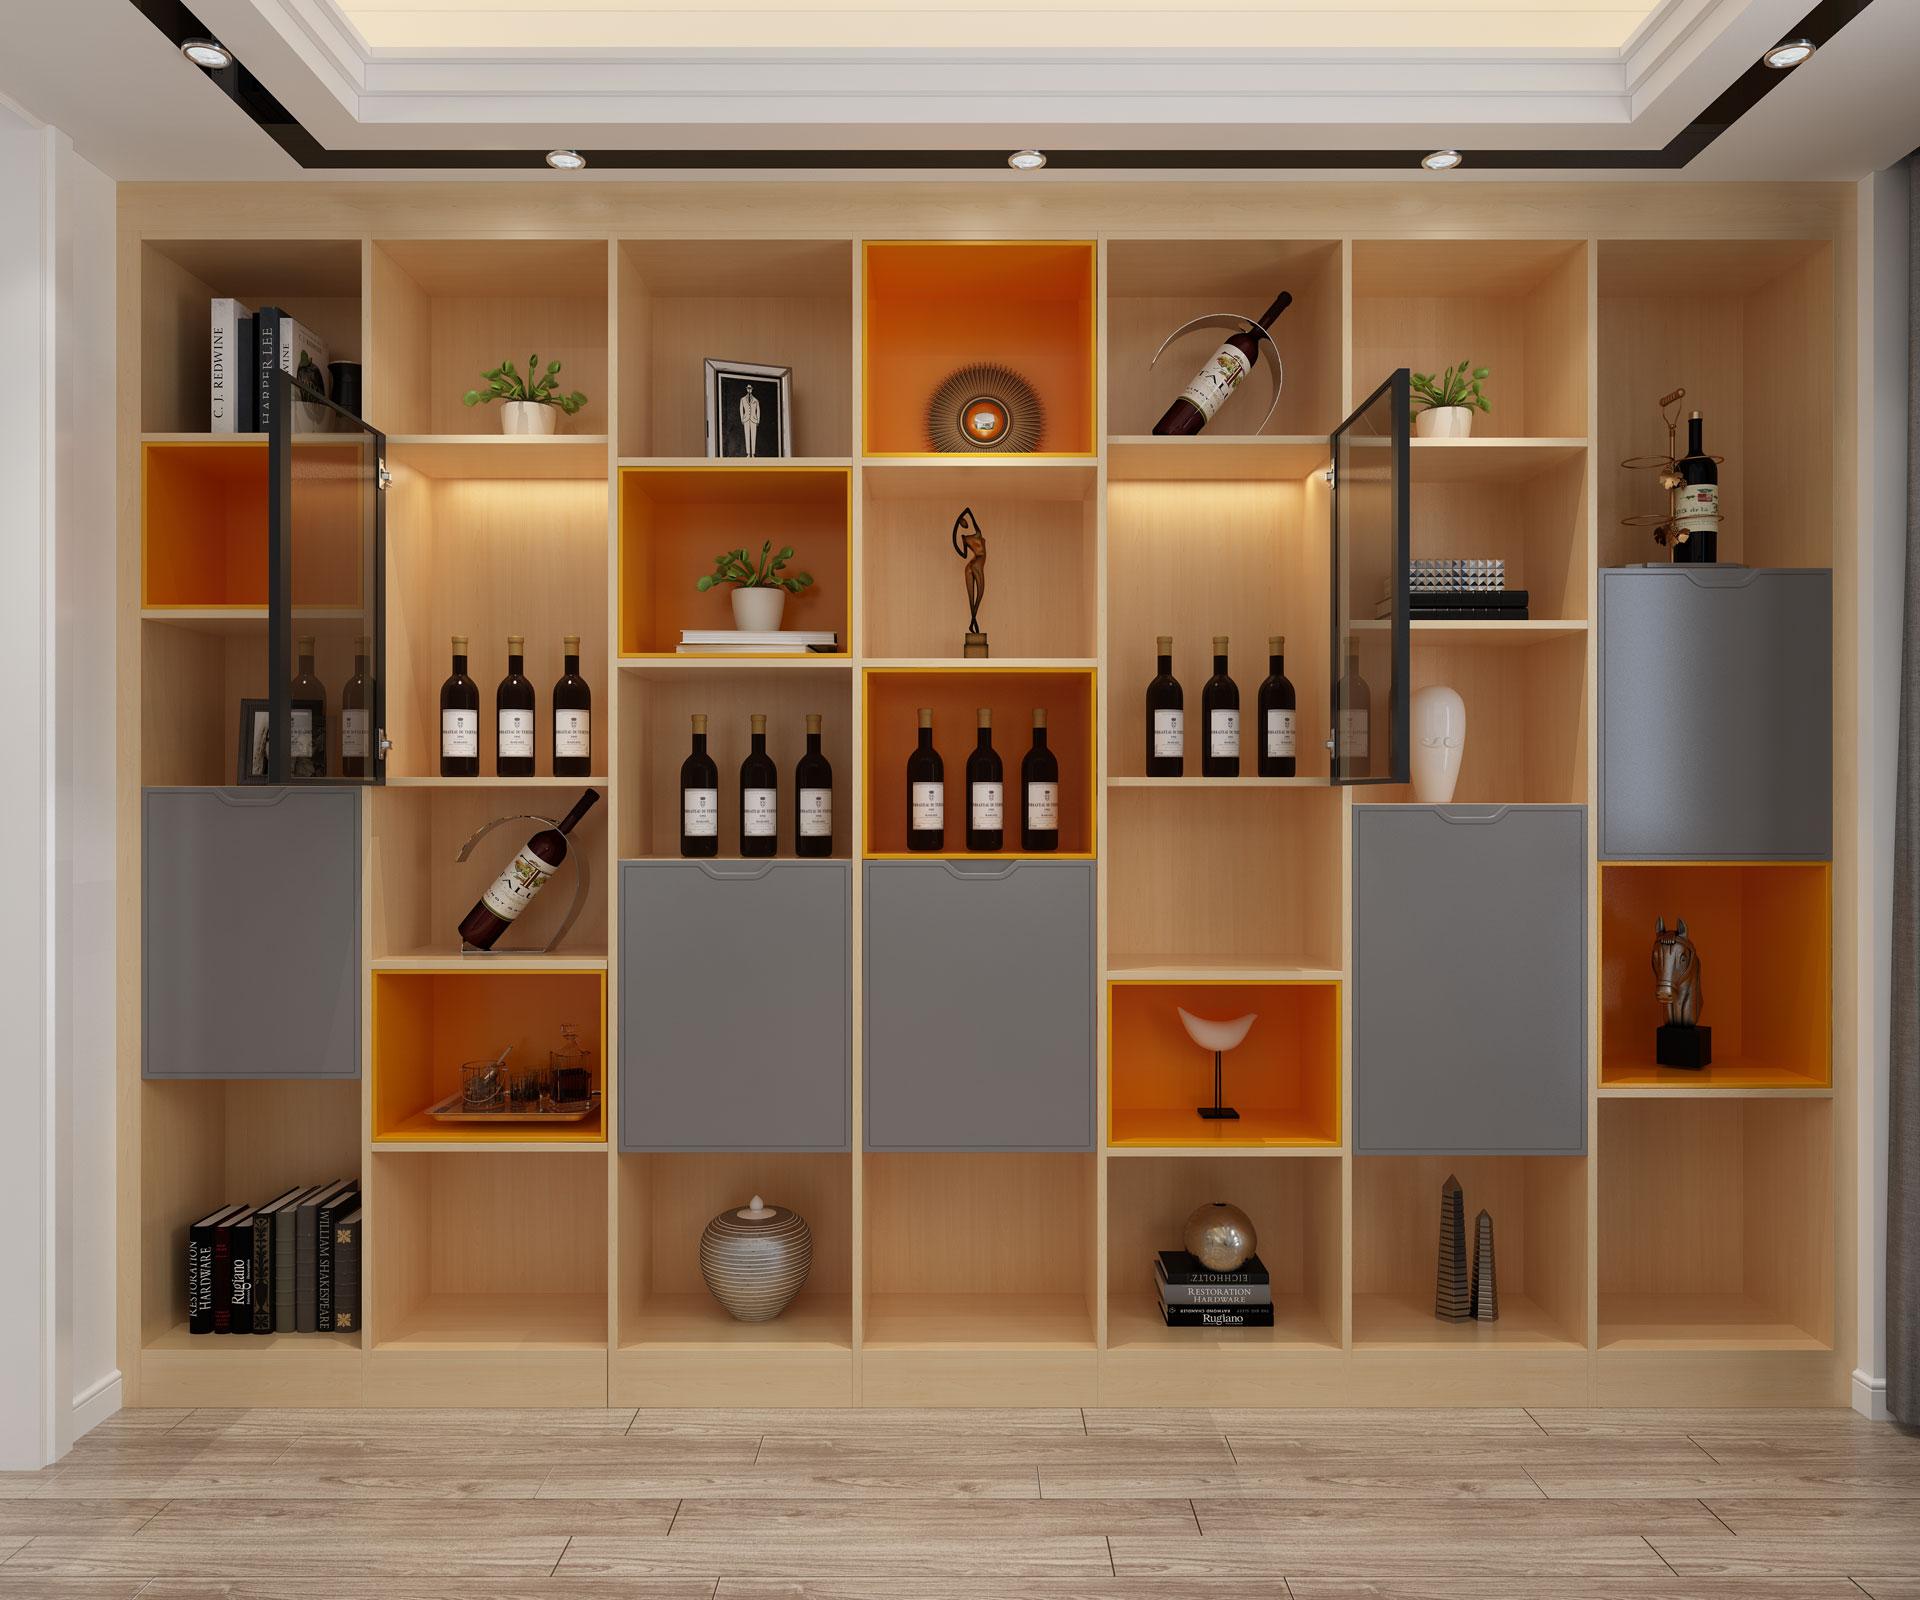 让无数人为之叫好的全铝酒柜设计,你还不心动嘛?